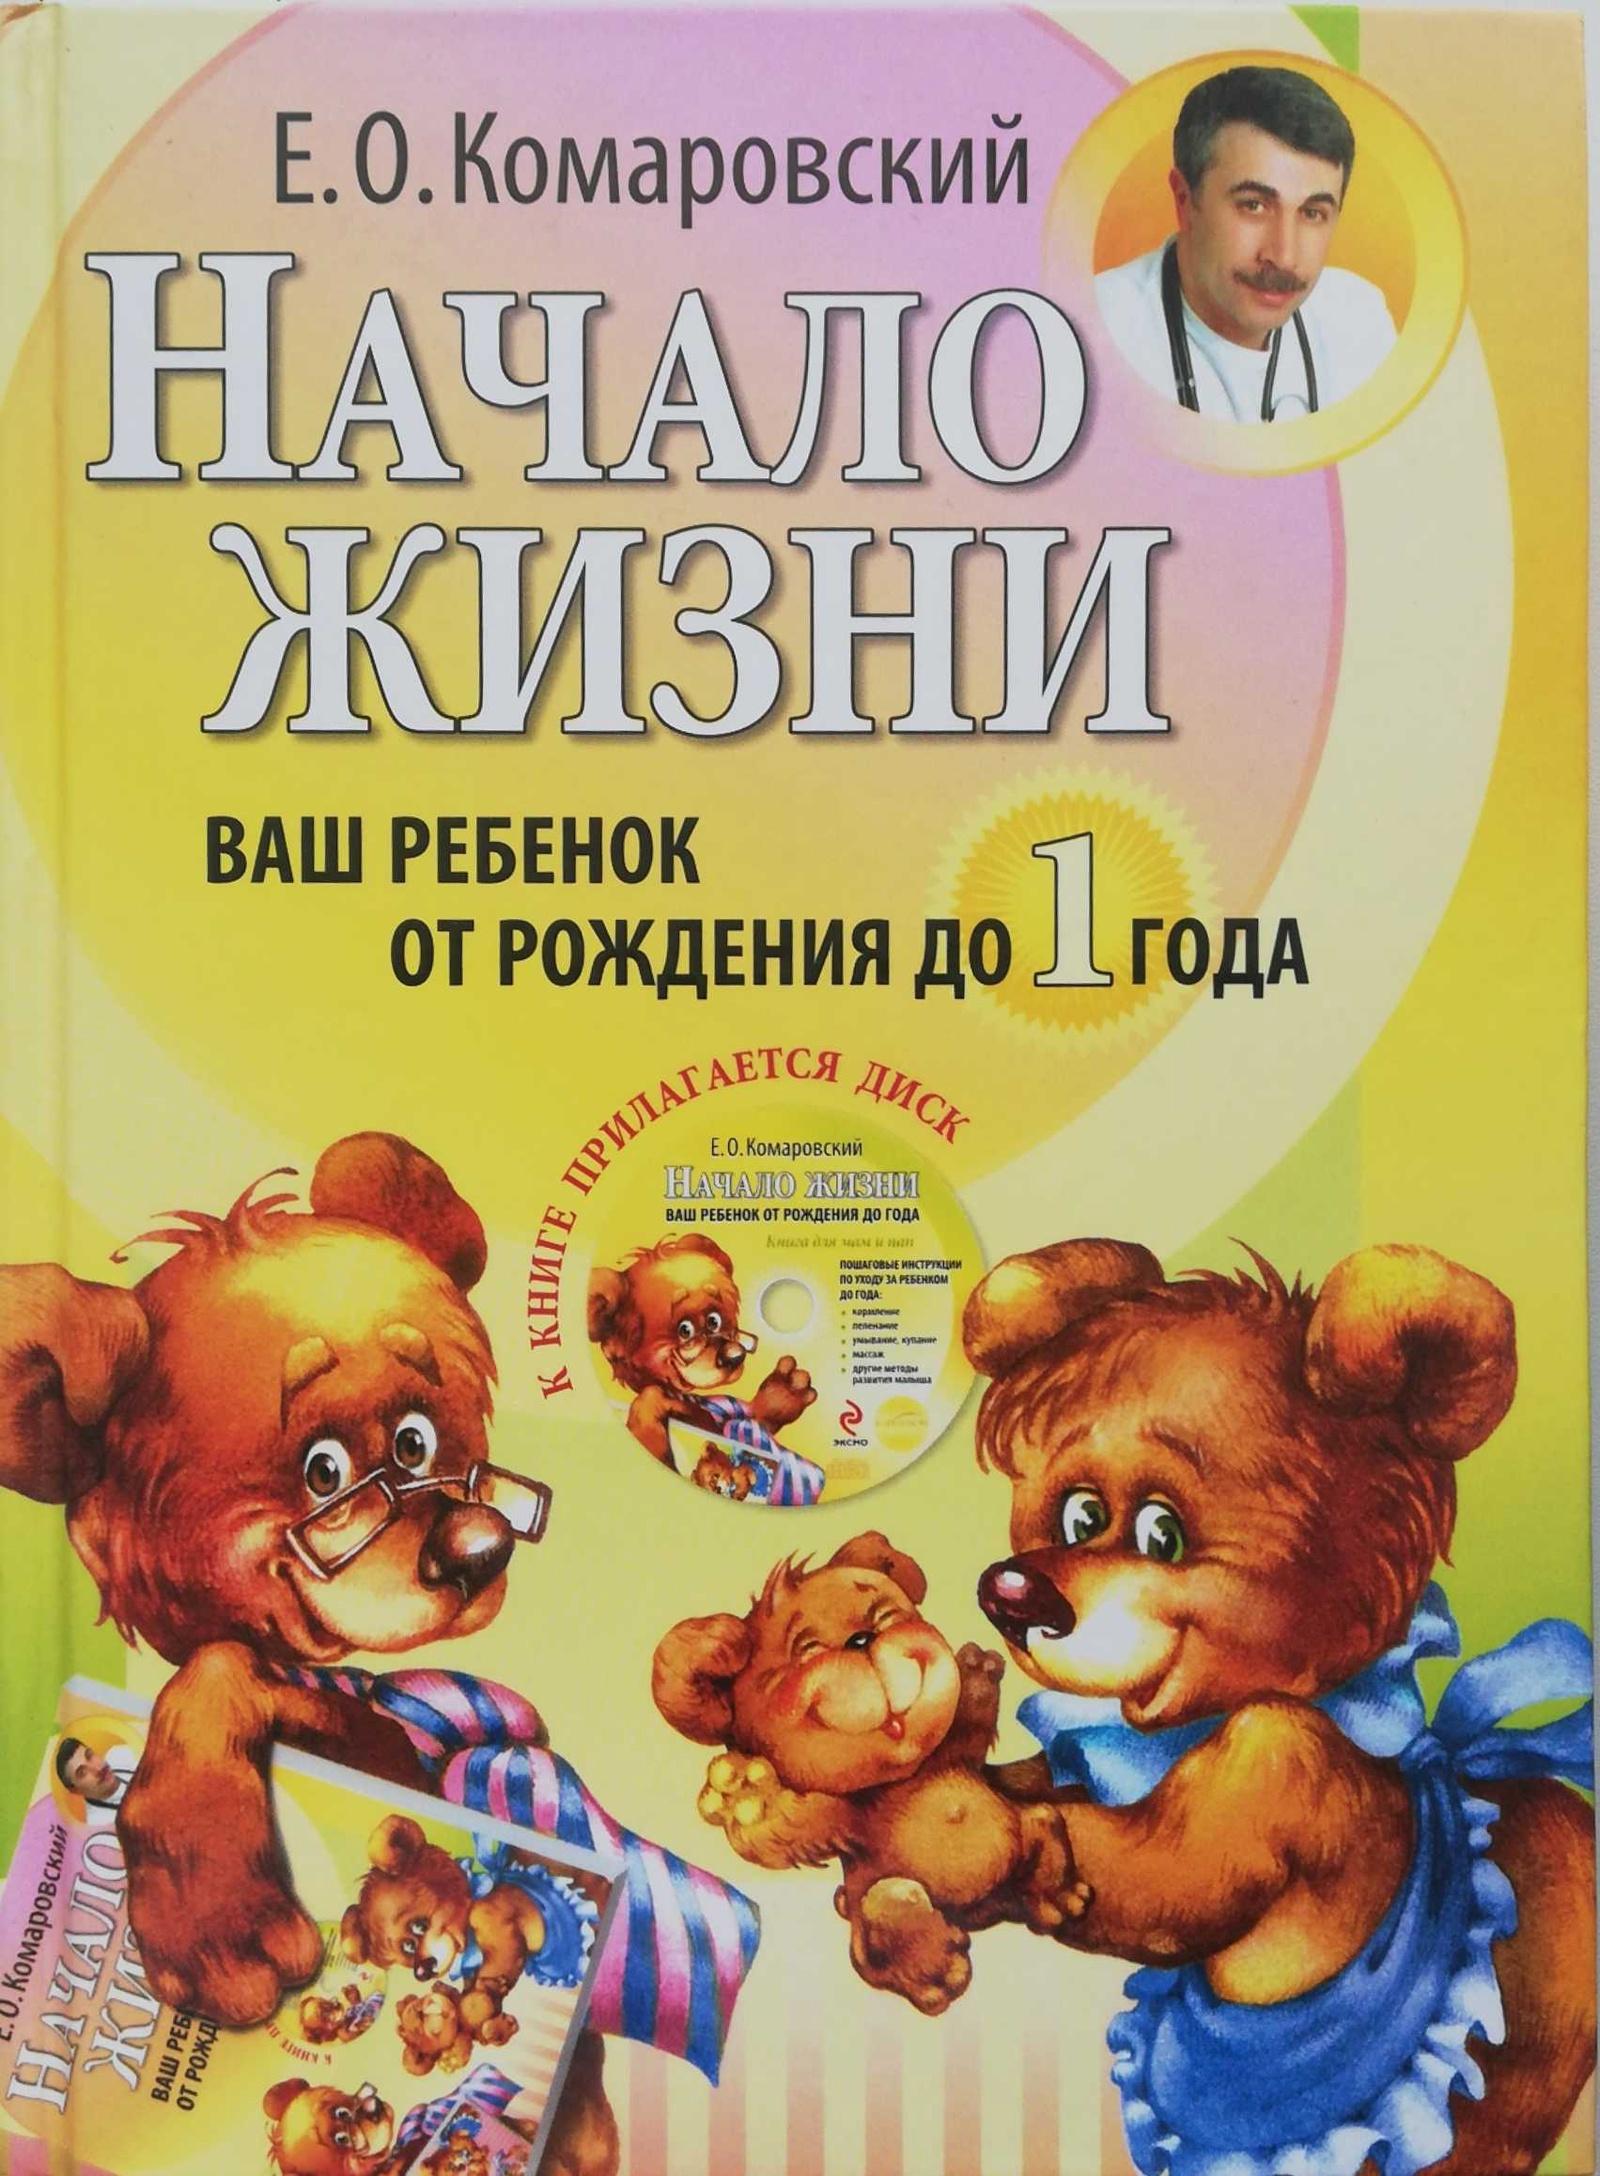 Евгений Комаровский. Начало жизни. Ваш ребенок от рождения до года